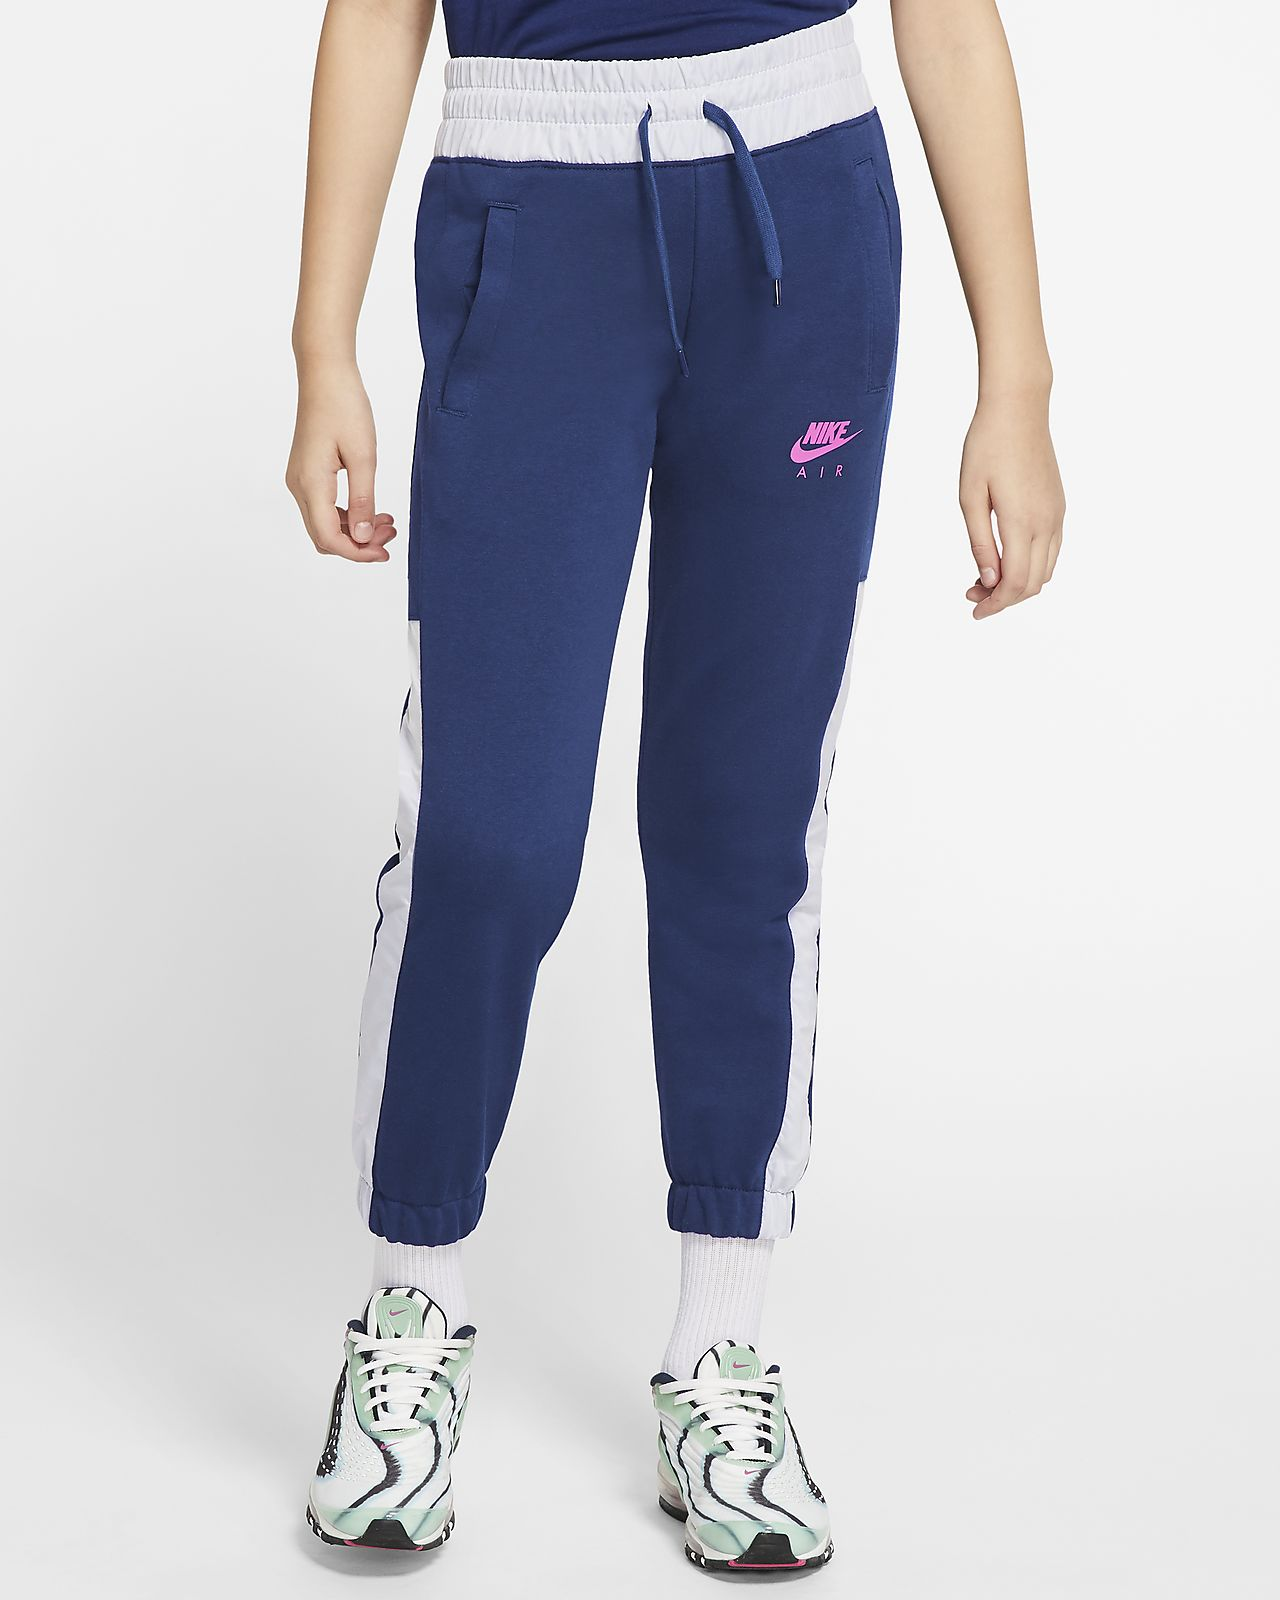 Nike Air bukse til store barn (jente)